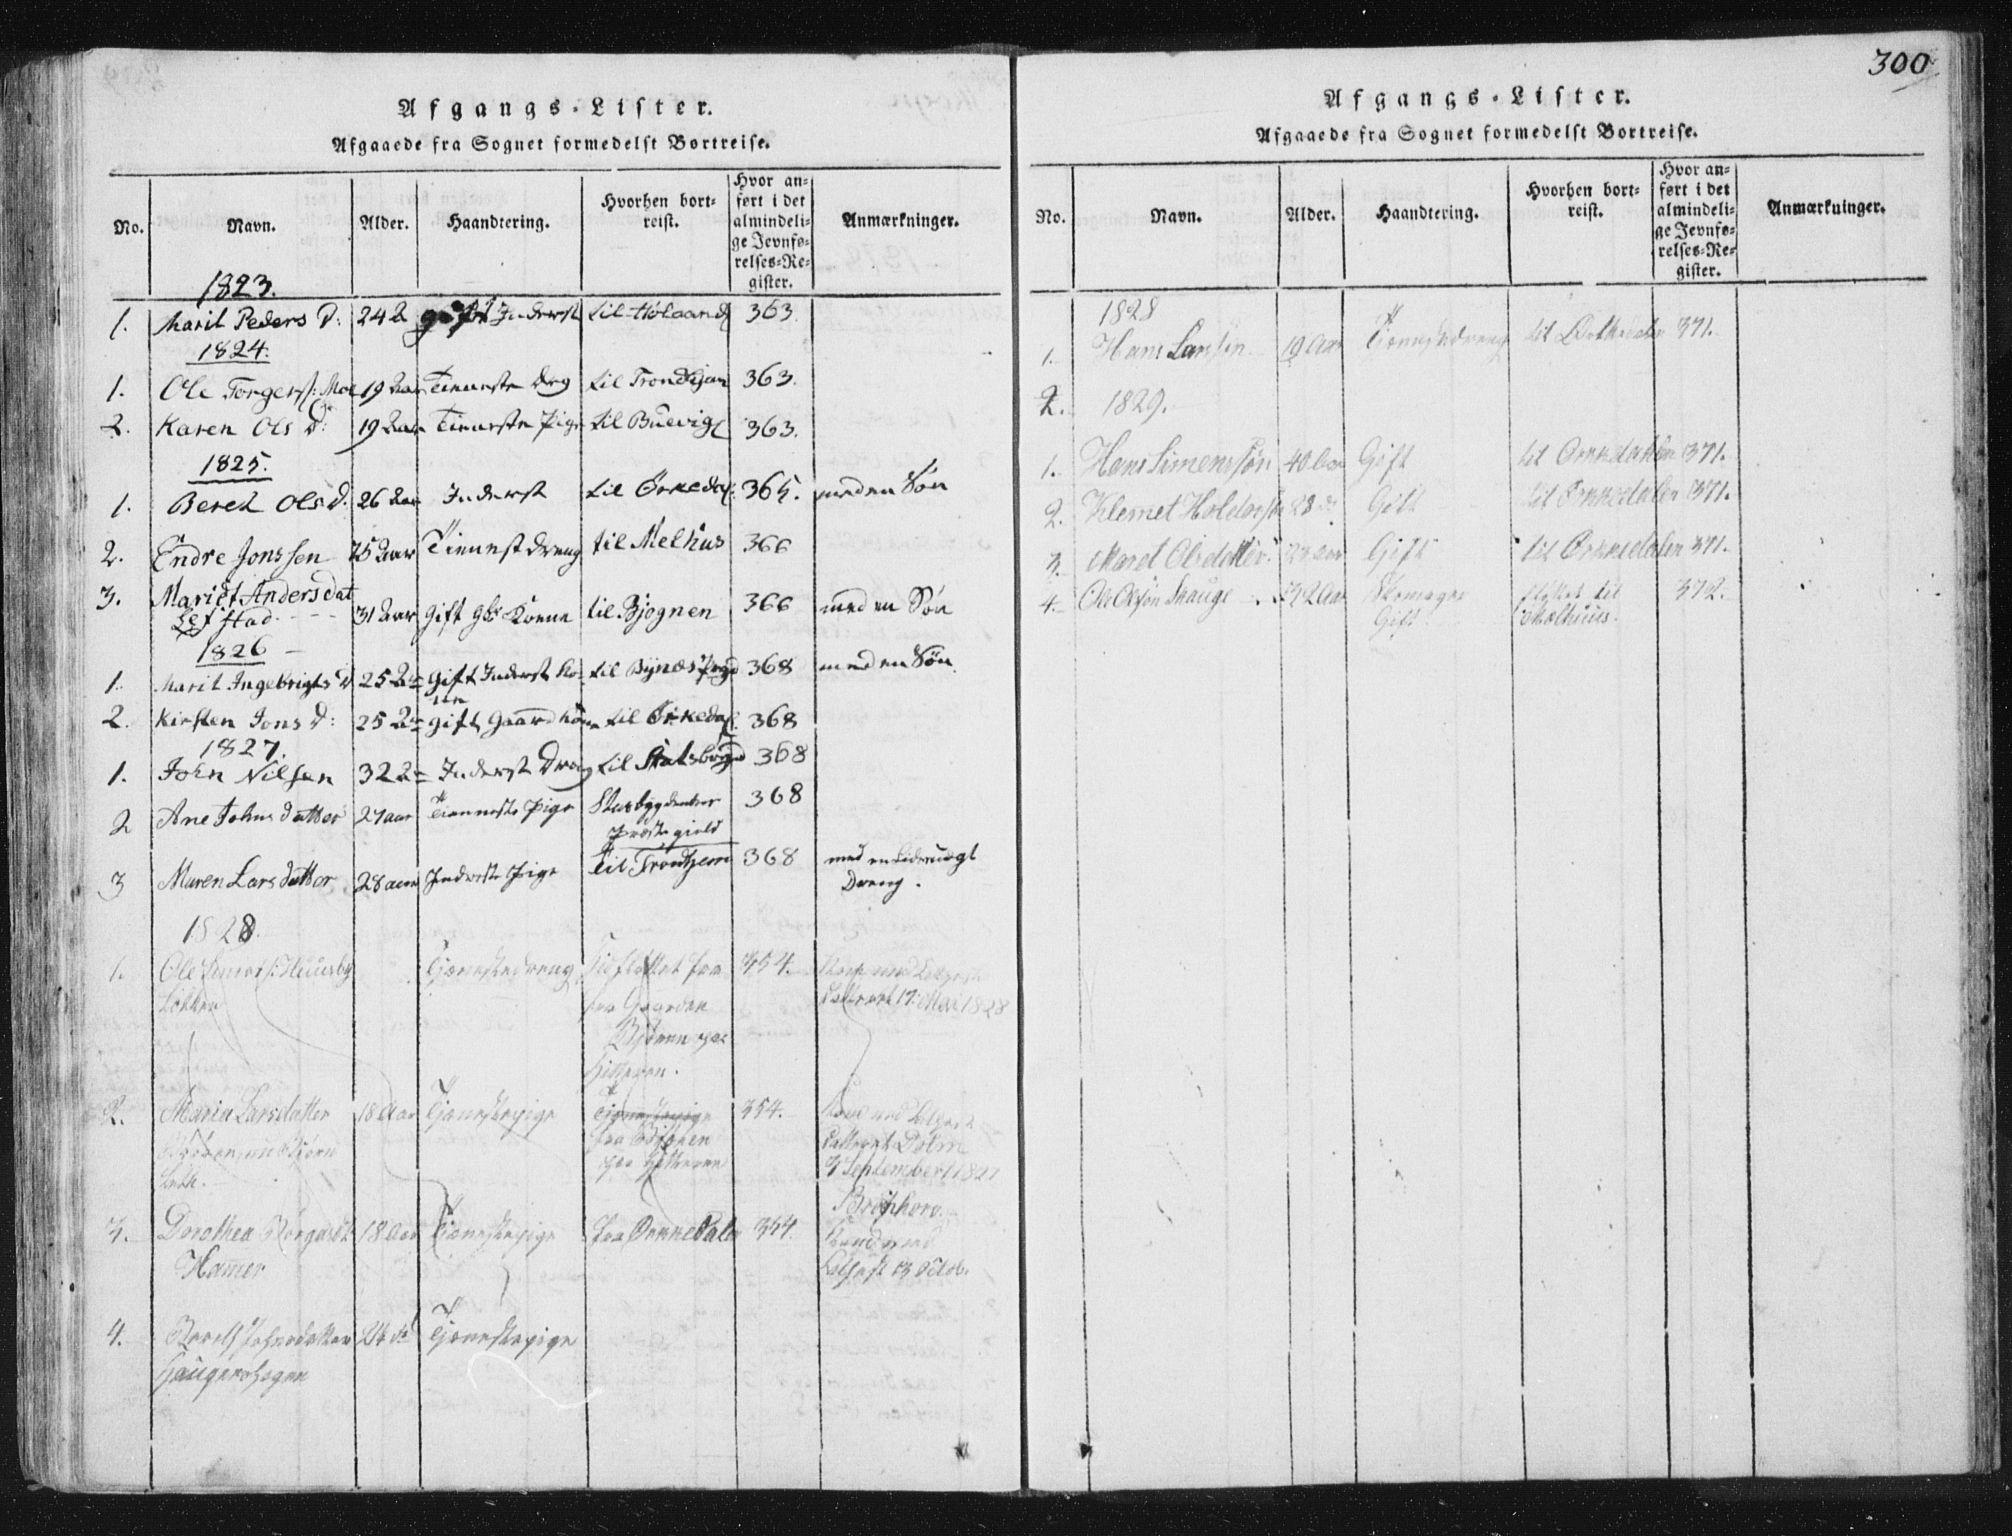 SAT, Ministerialprotokoller, klokkerbøker og fødselsregistre - Sør-Trøndelag, 665/L0770: Ministerialbok nr. 665A05, 1817-1829, s. 300